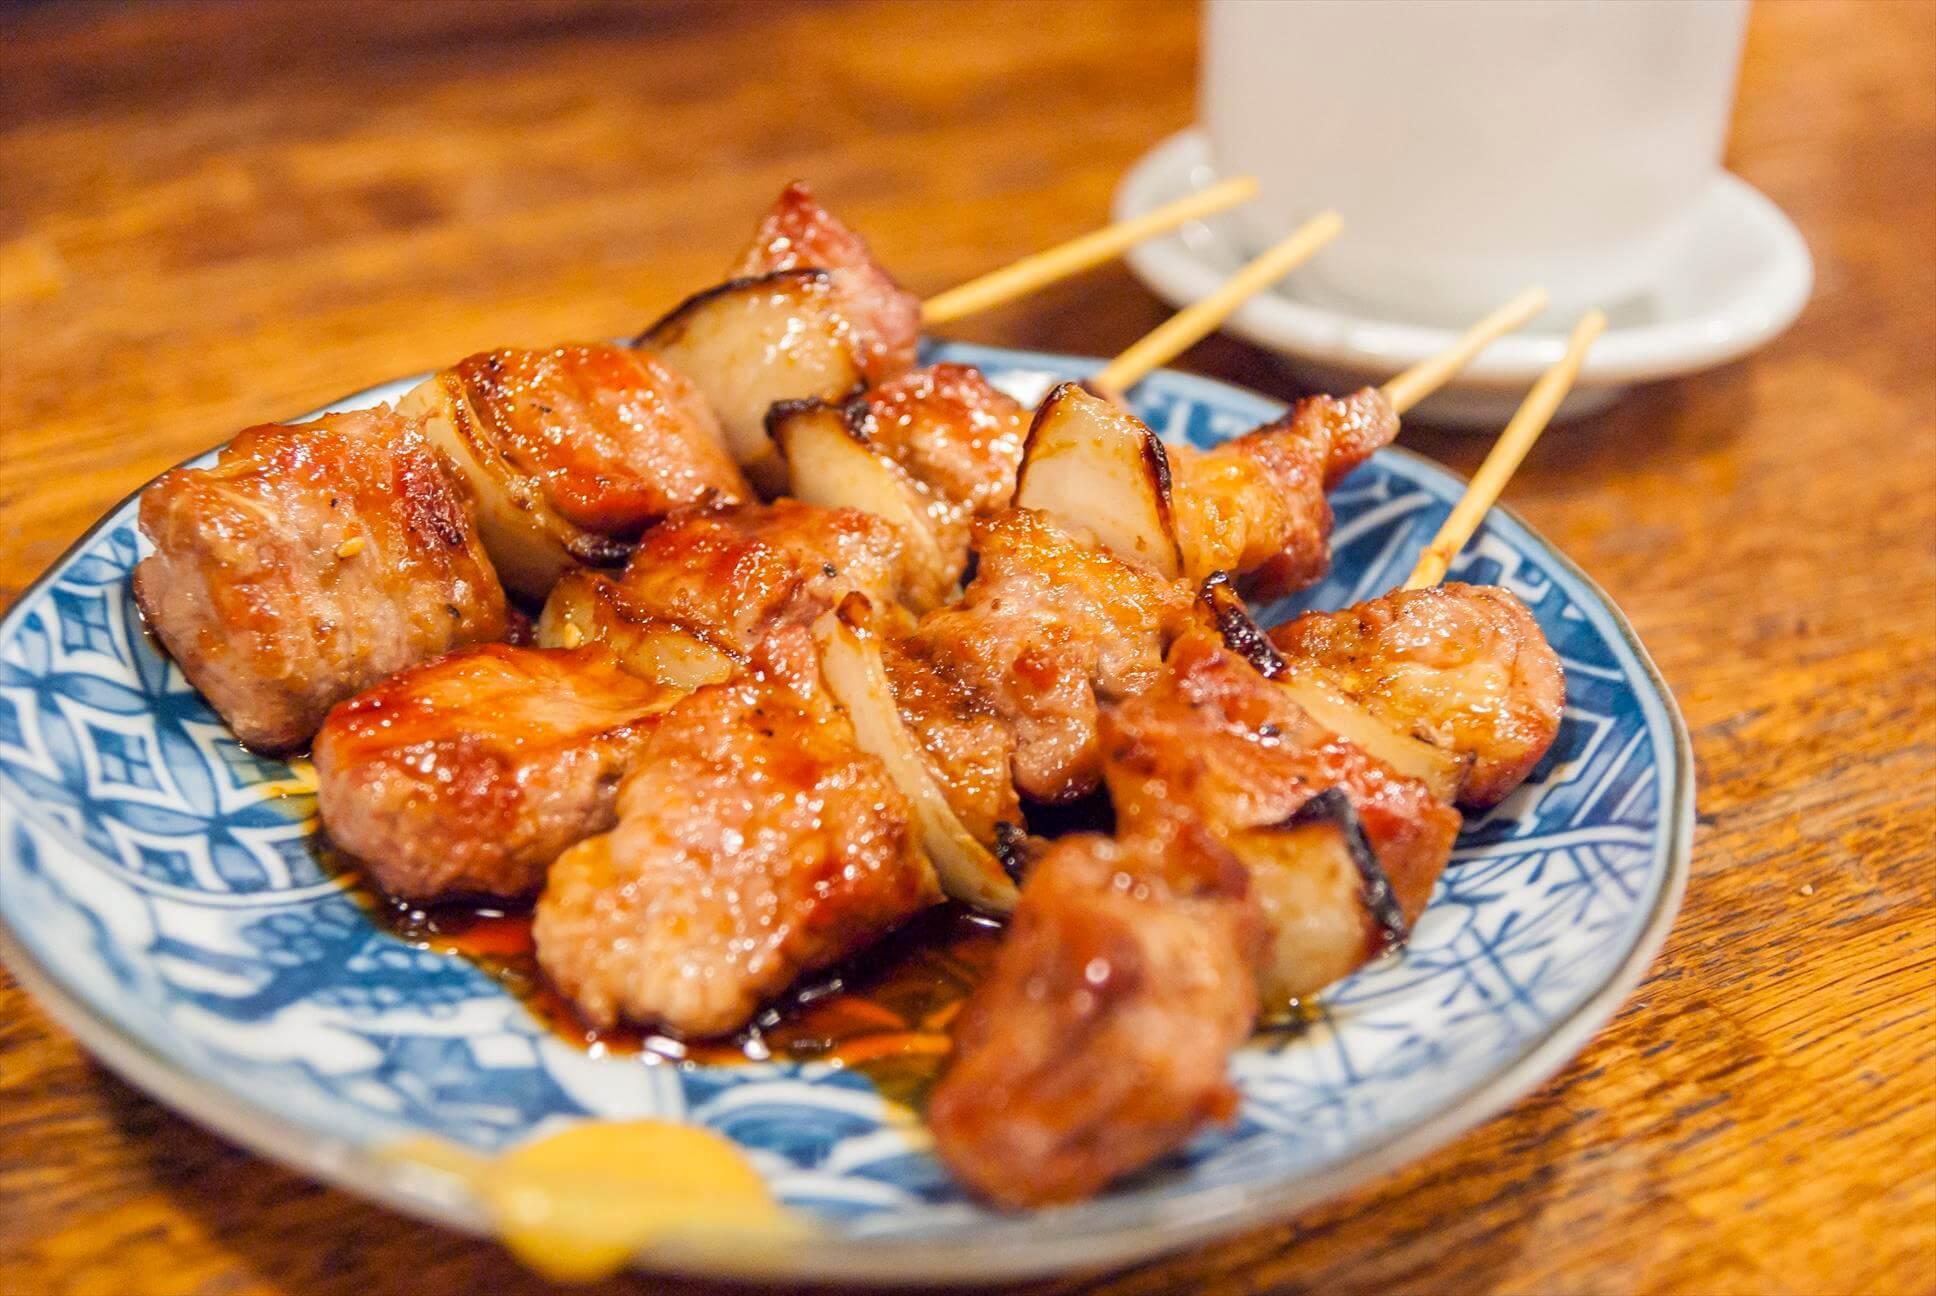 風靡在地的當地平價美食「室蘭烤肉串」